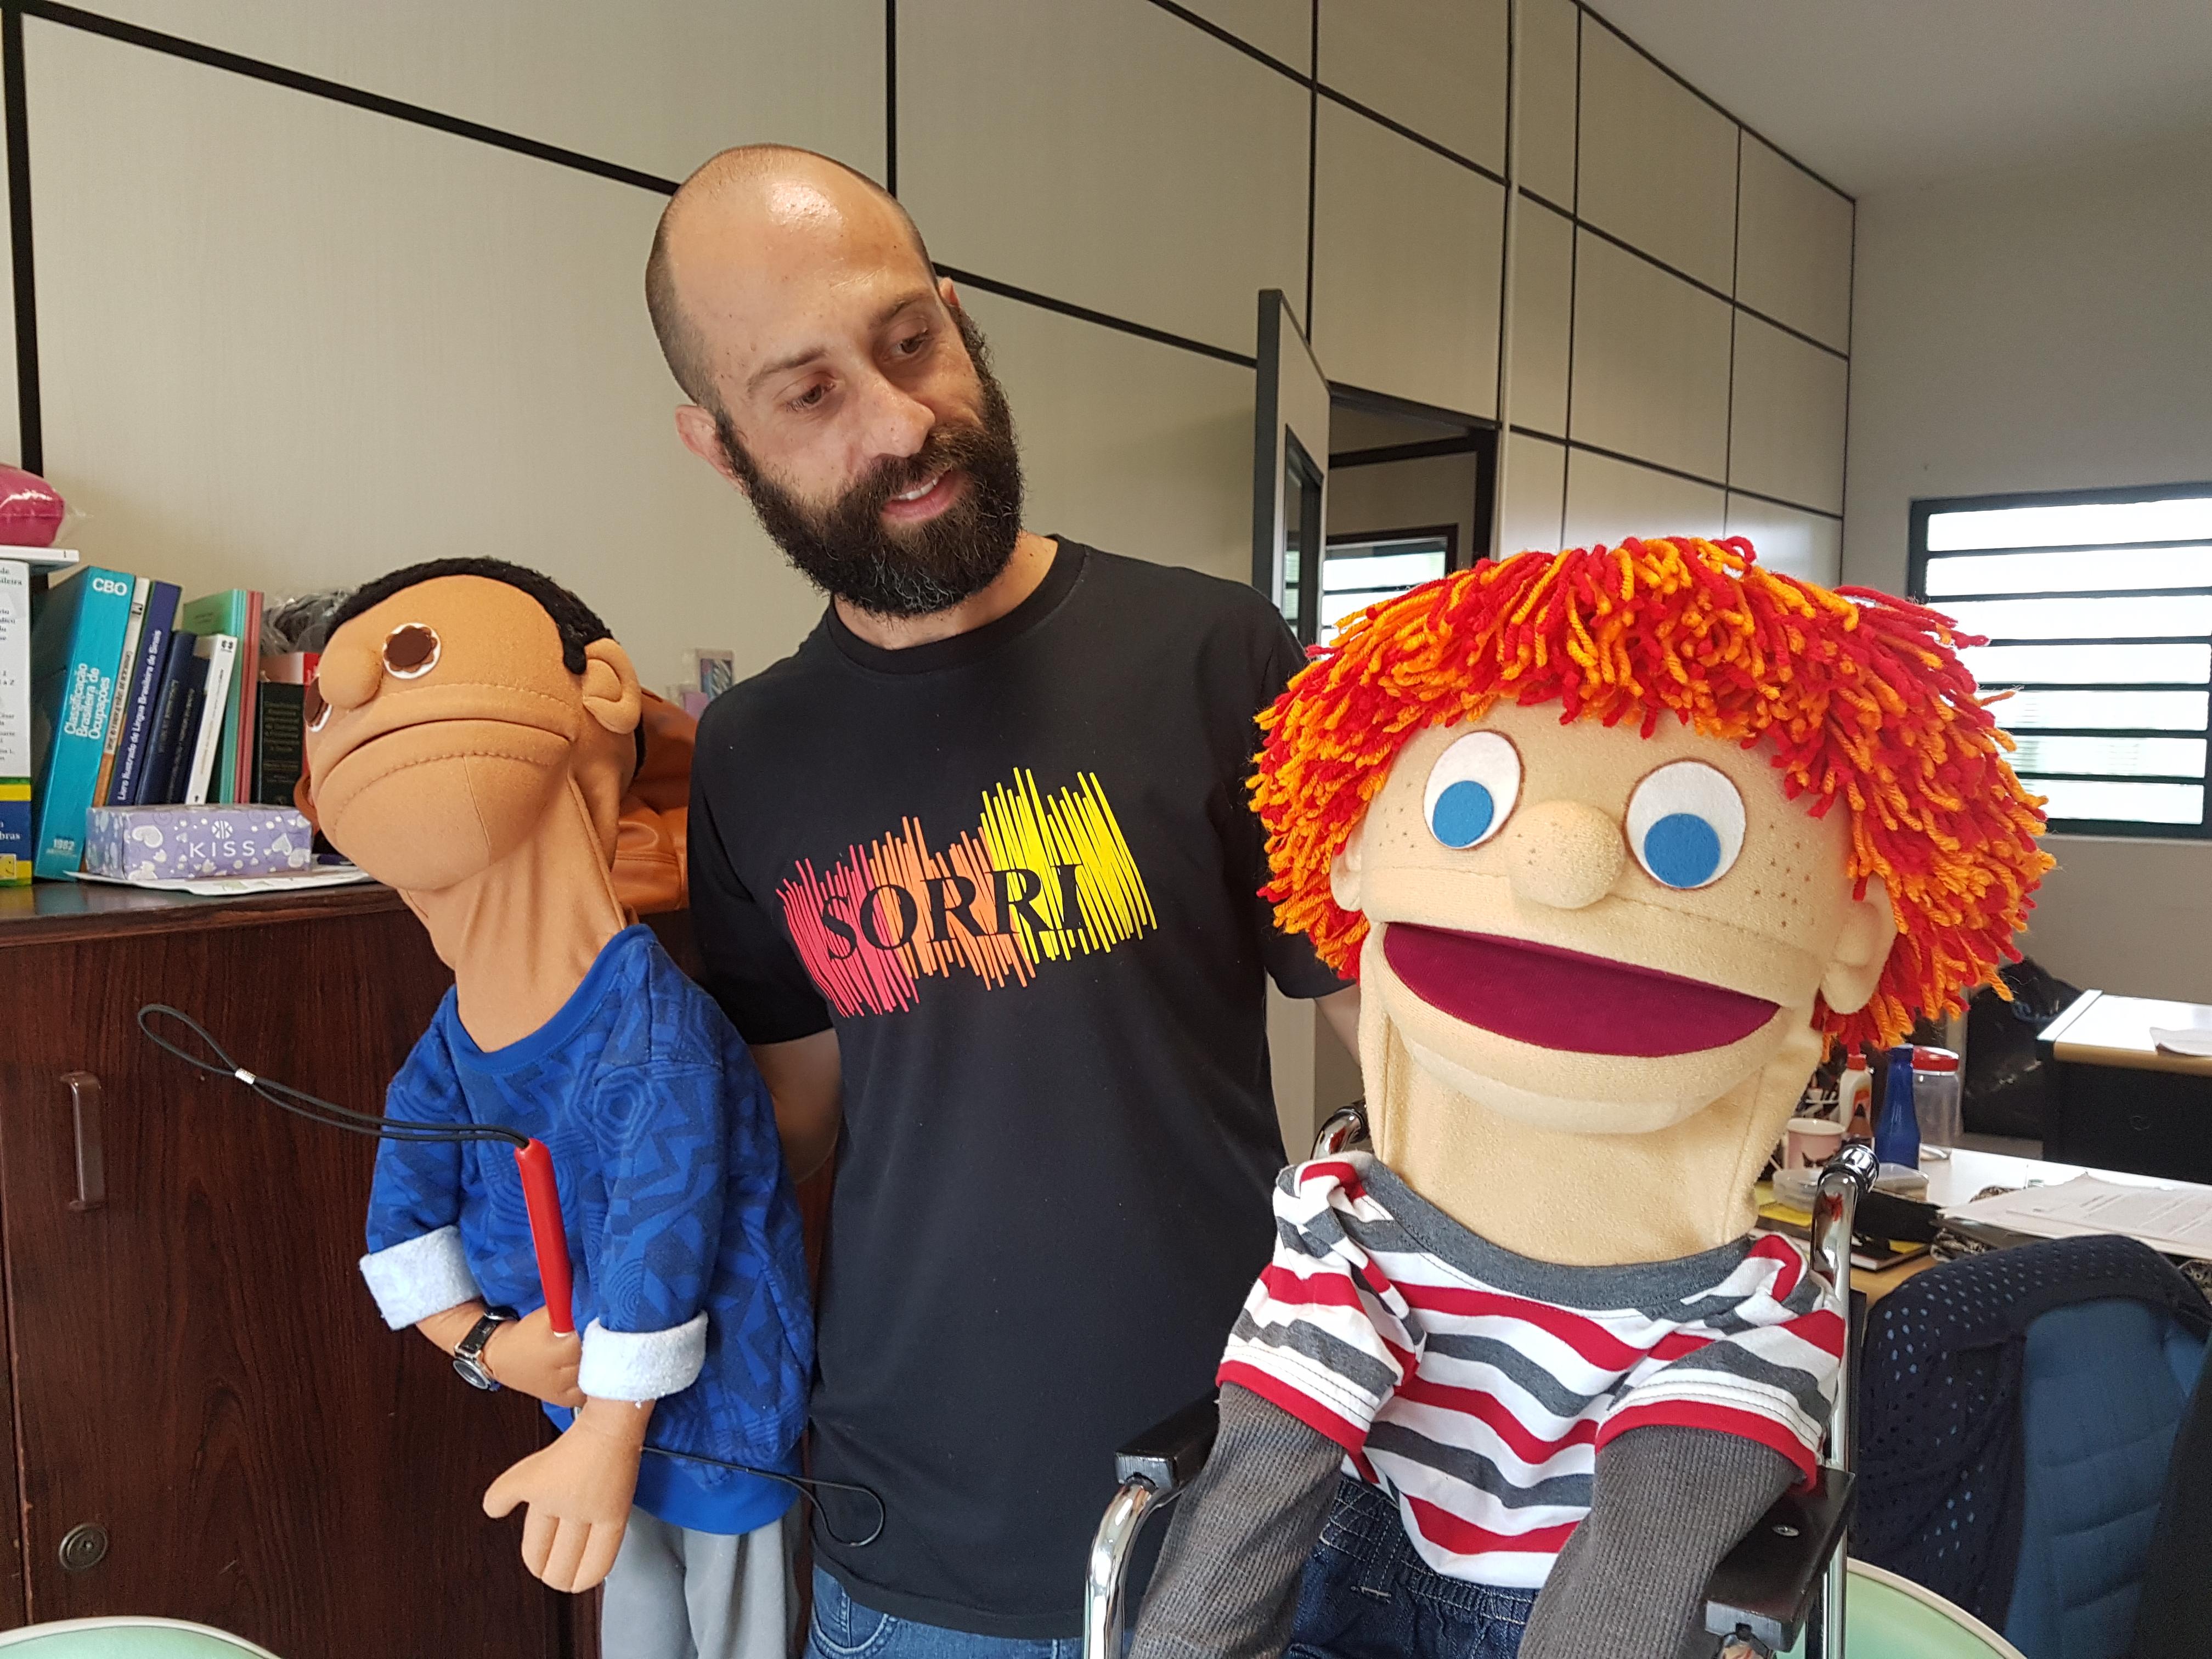 Teatro de bonecos fala sobre inclusão e emociona plateia 3